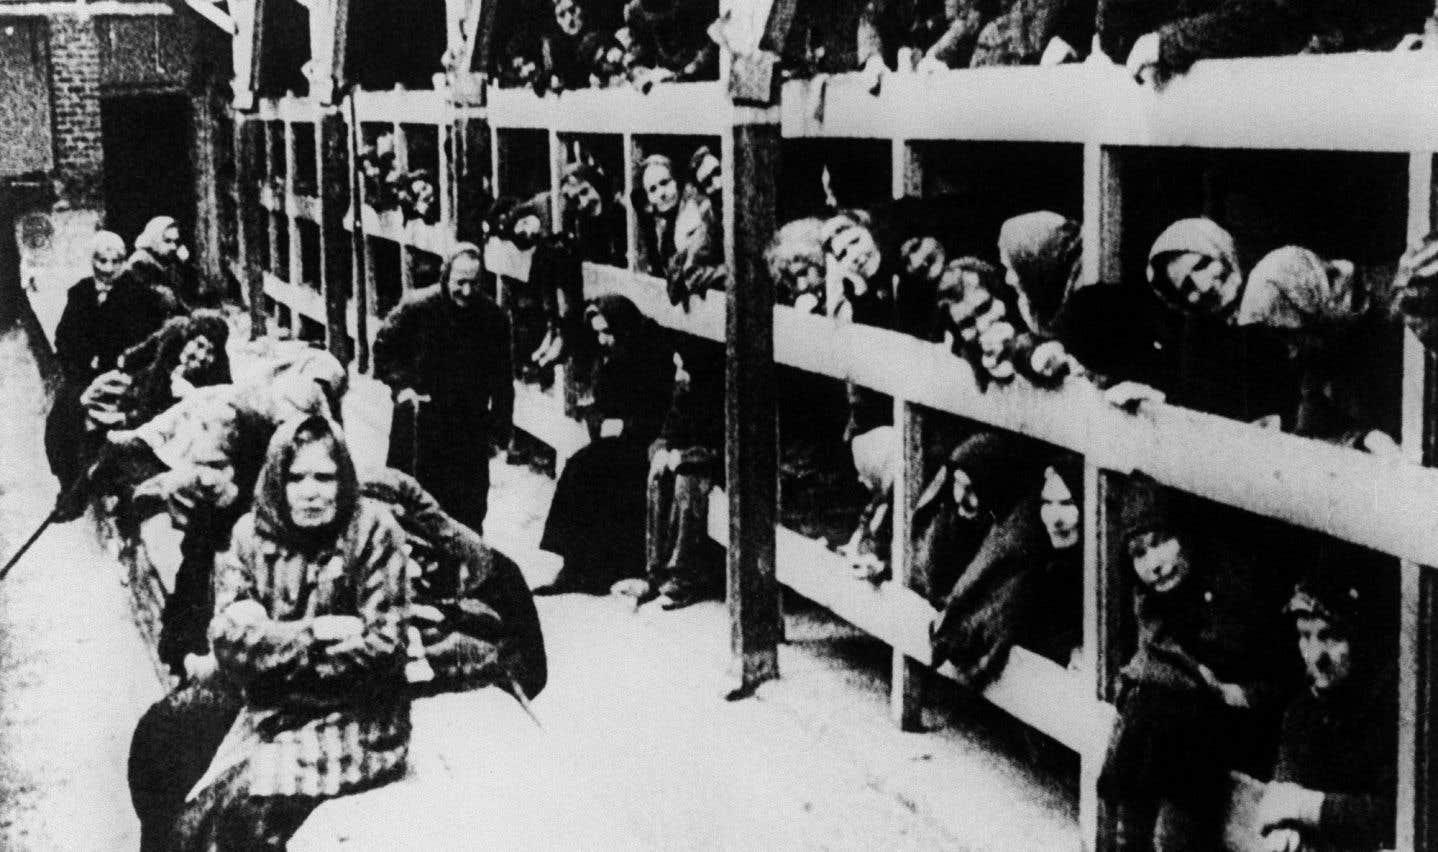 Des pages d'Histoire à réécrire sur l'Holocauste